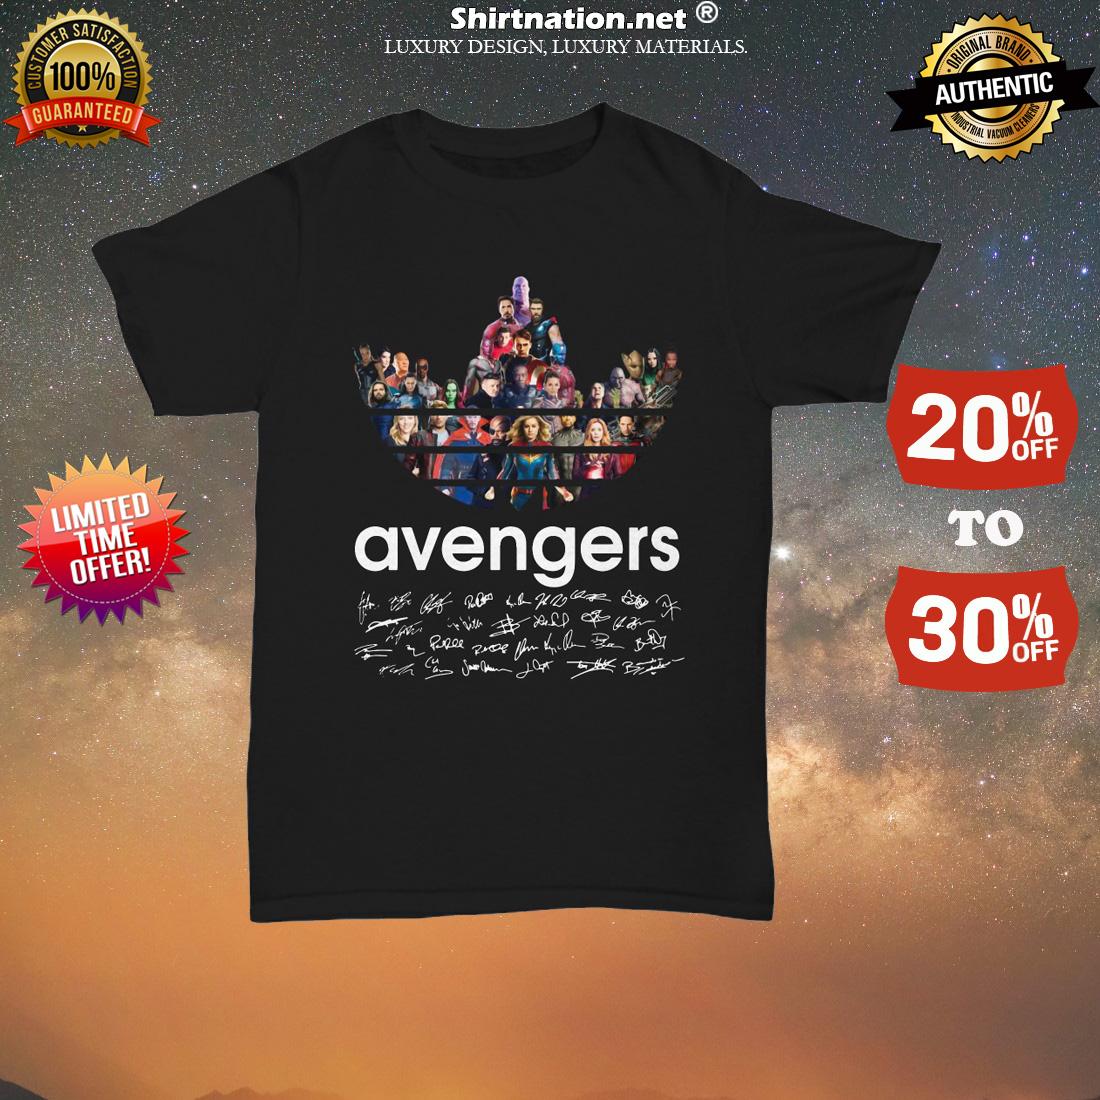 Adidas Avengers Signatures unisex tee shirt